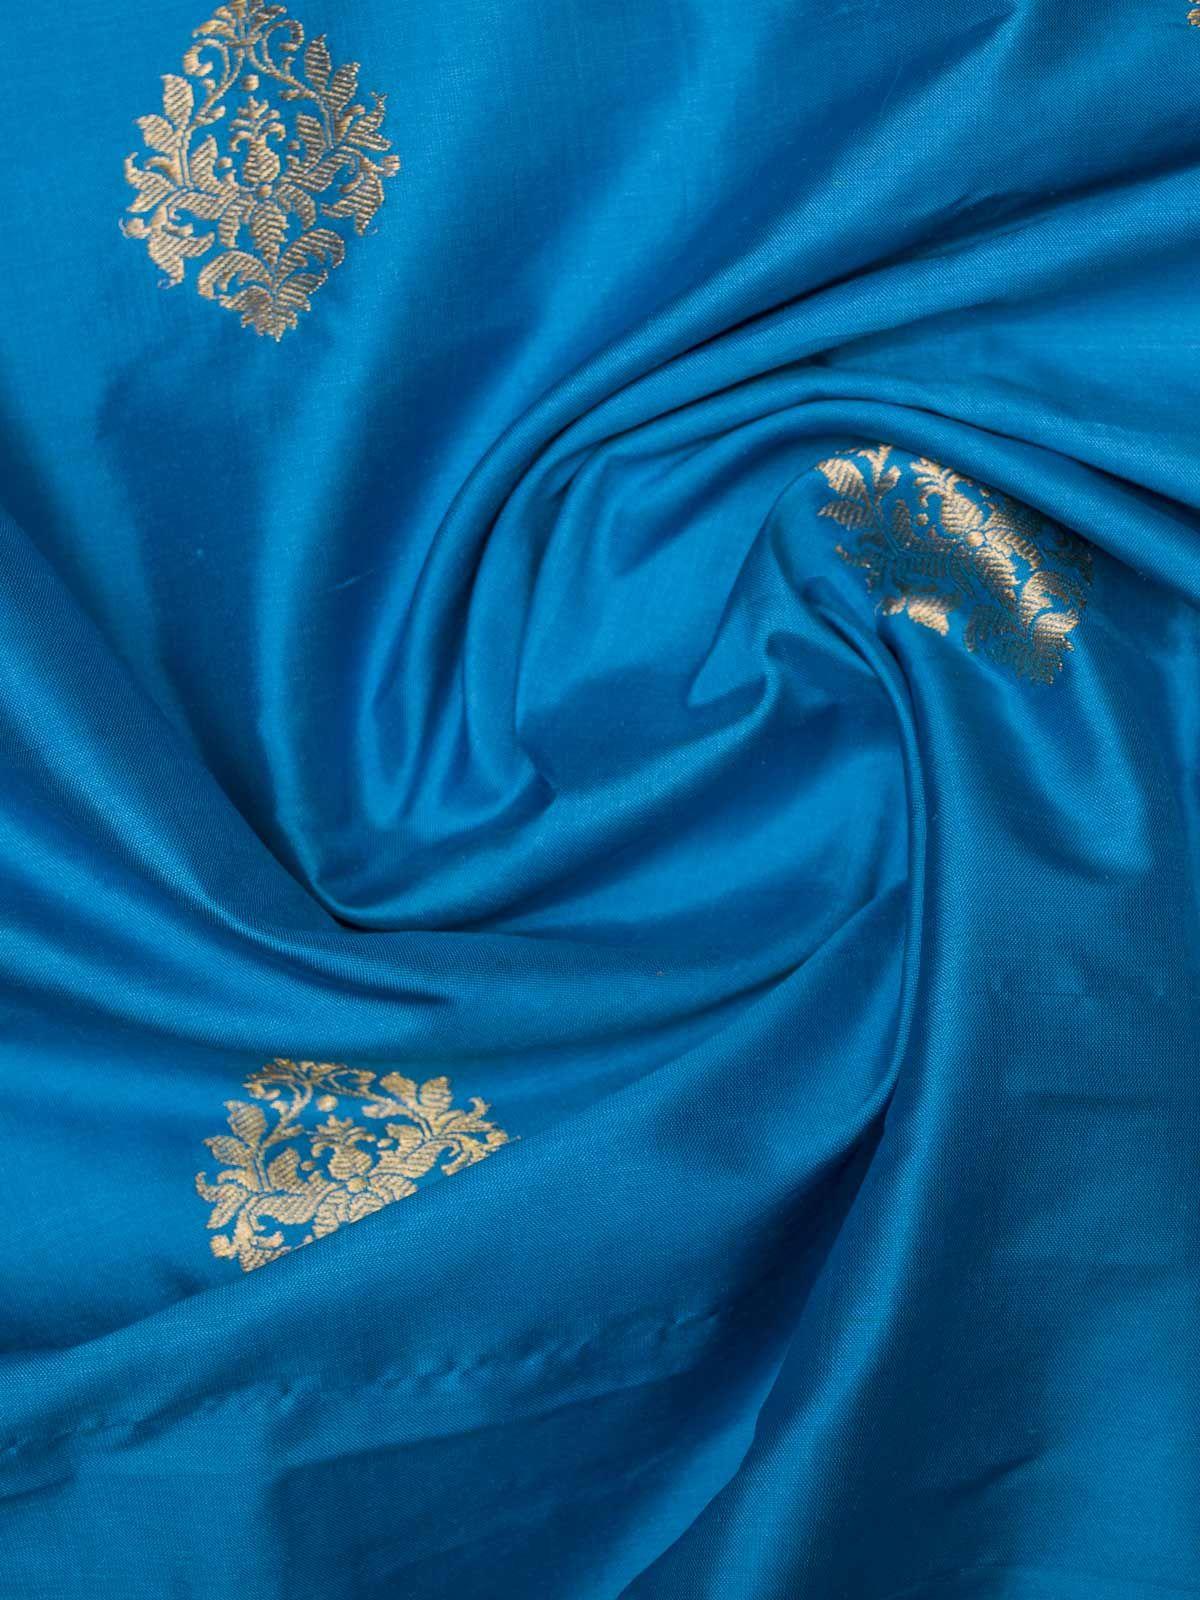 Sky blue woven zari booty banarsi silk fabric